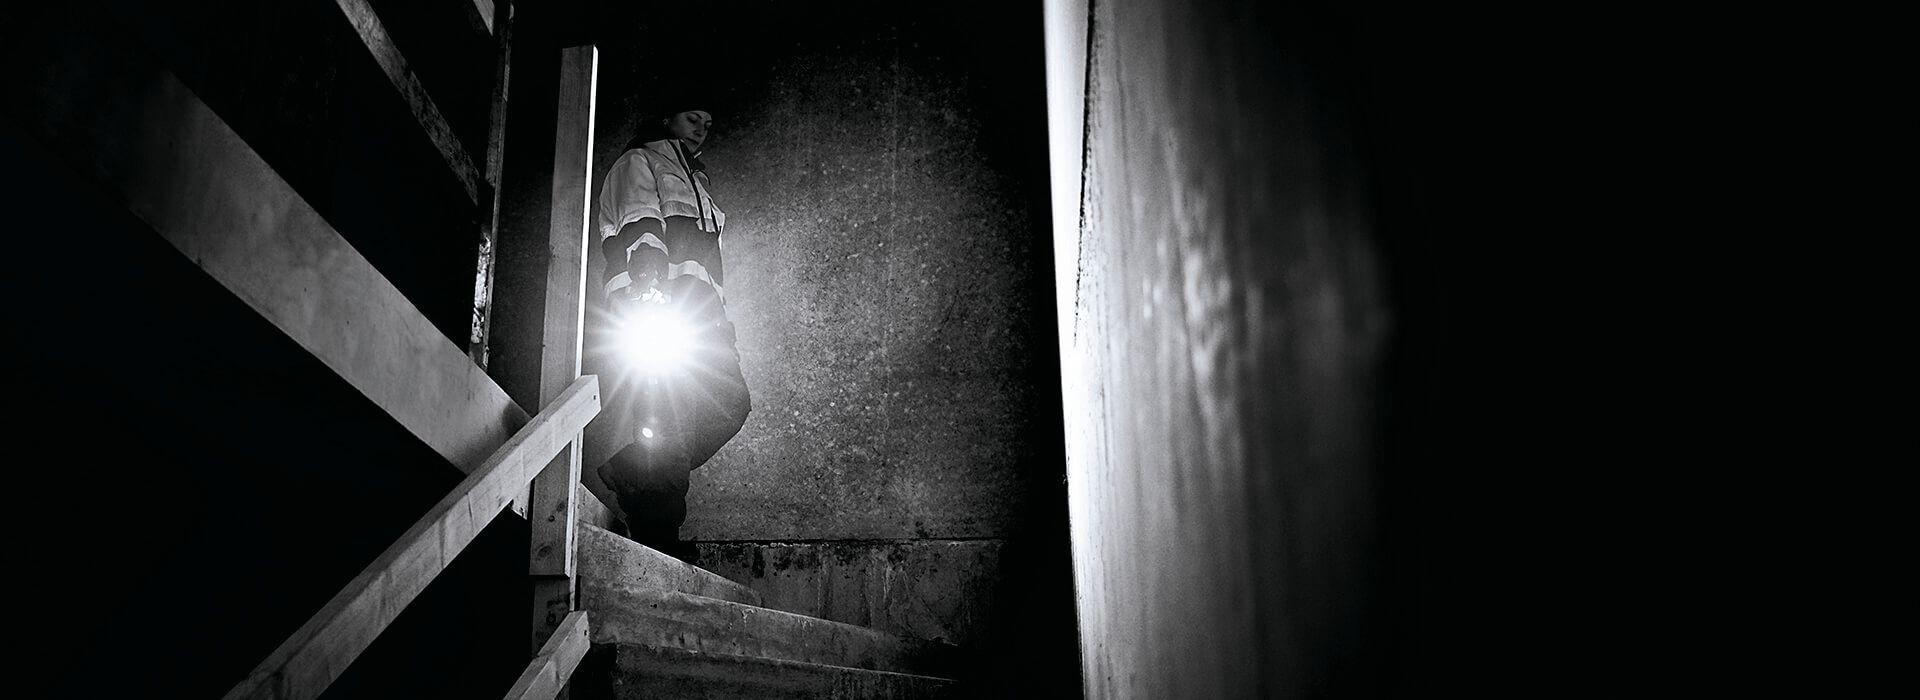 Image de phare de travail